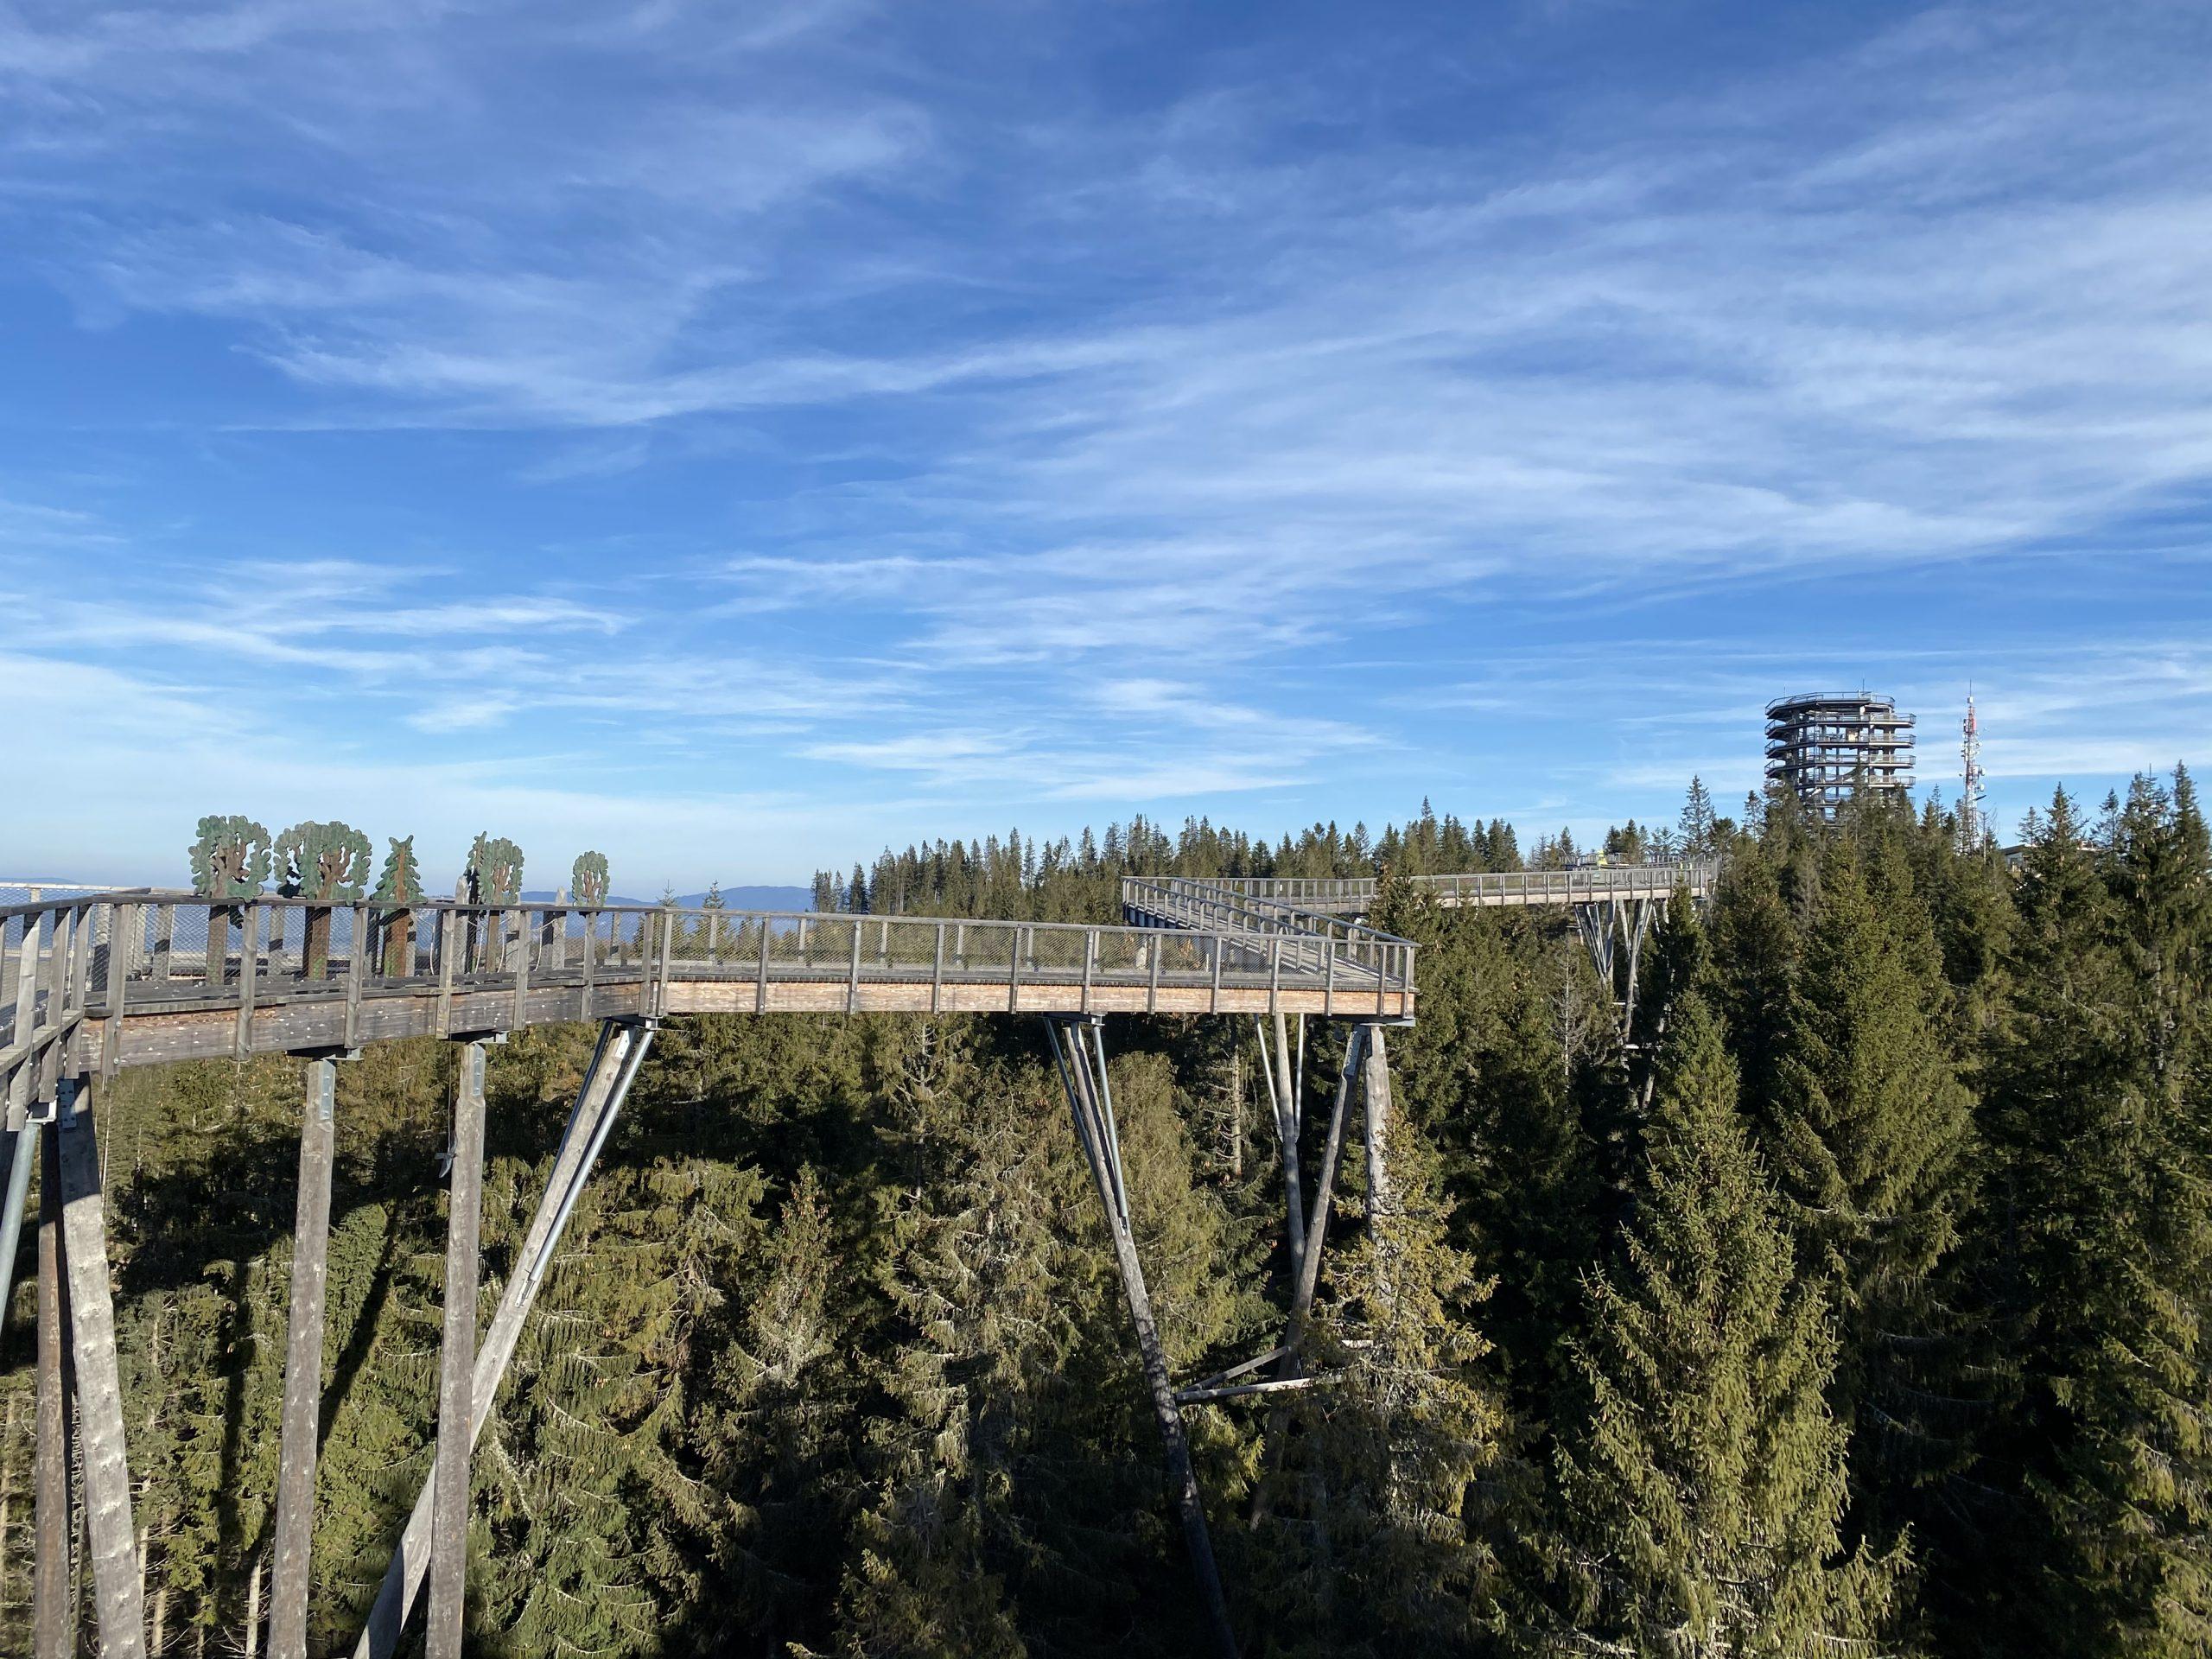 chodnik korunami stromov bachledova dolina